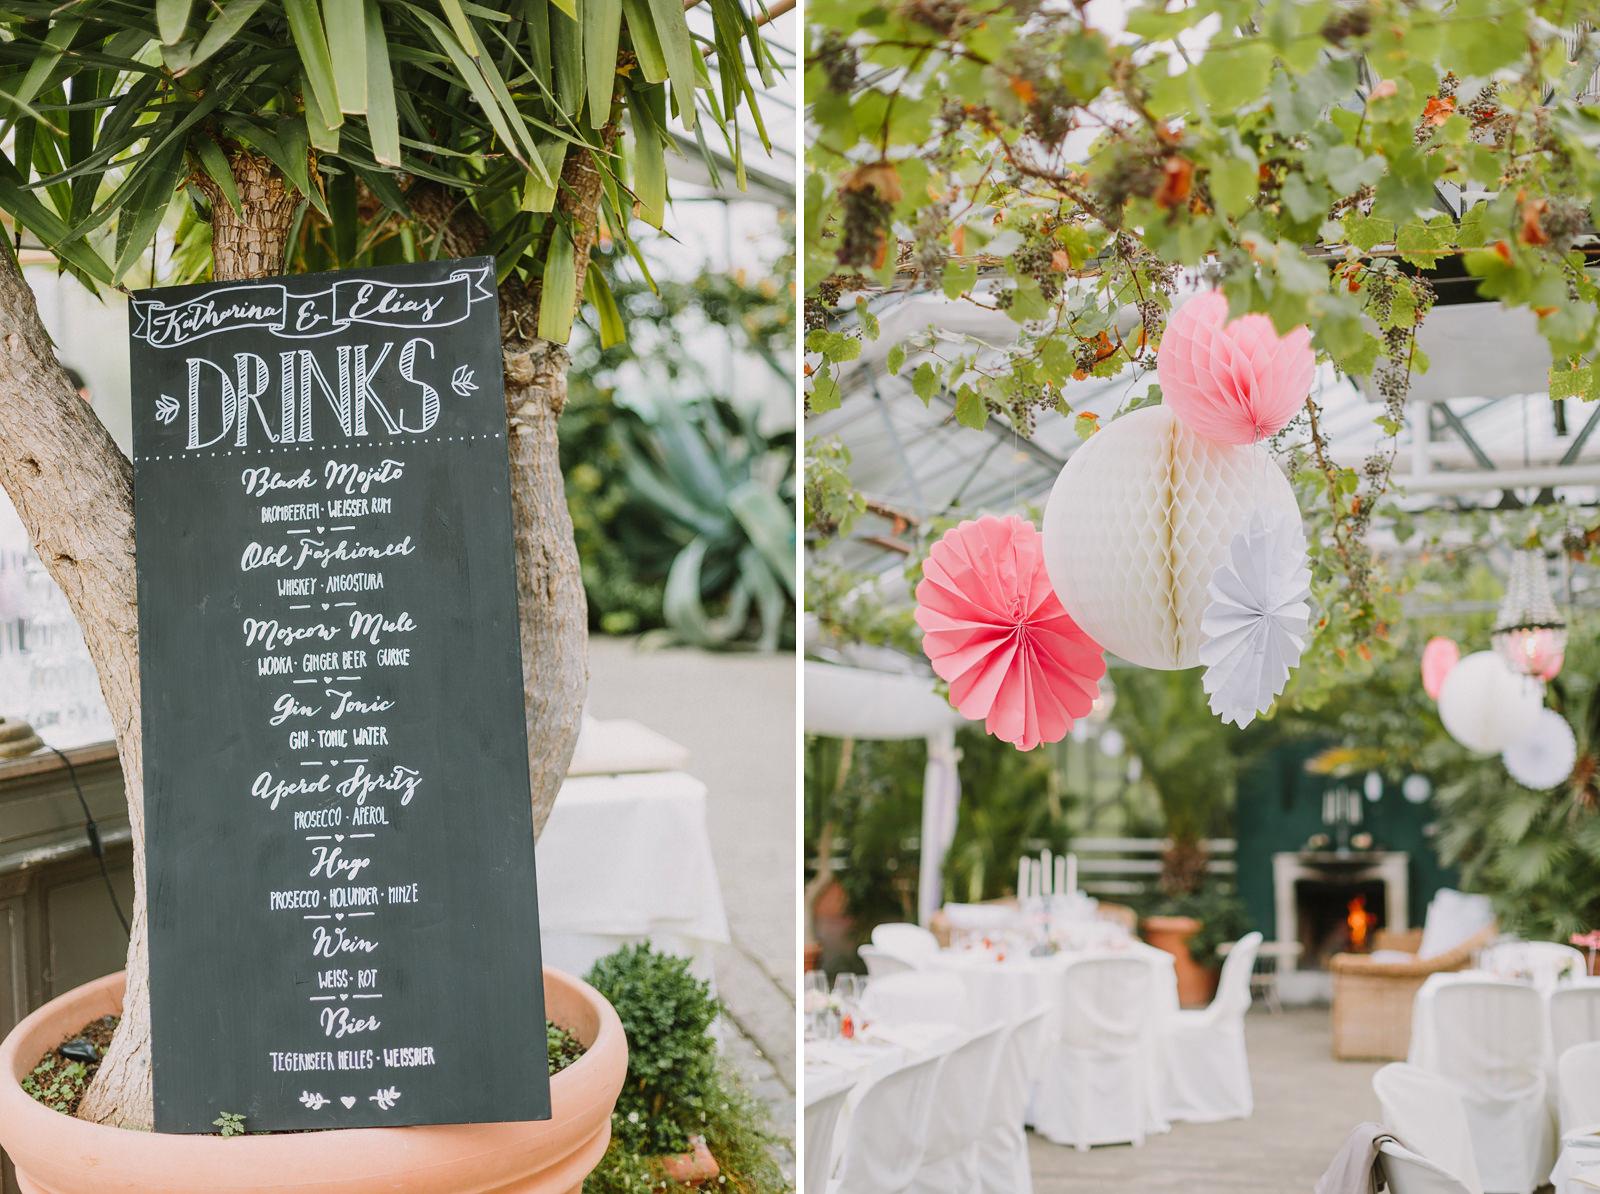 alte gaertnerei munich wedding venue